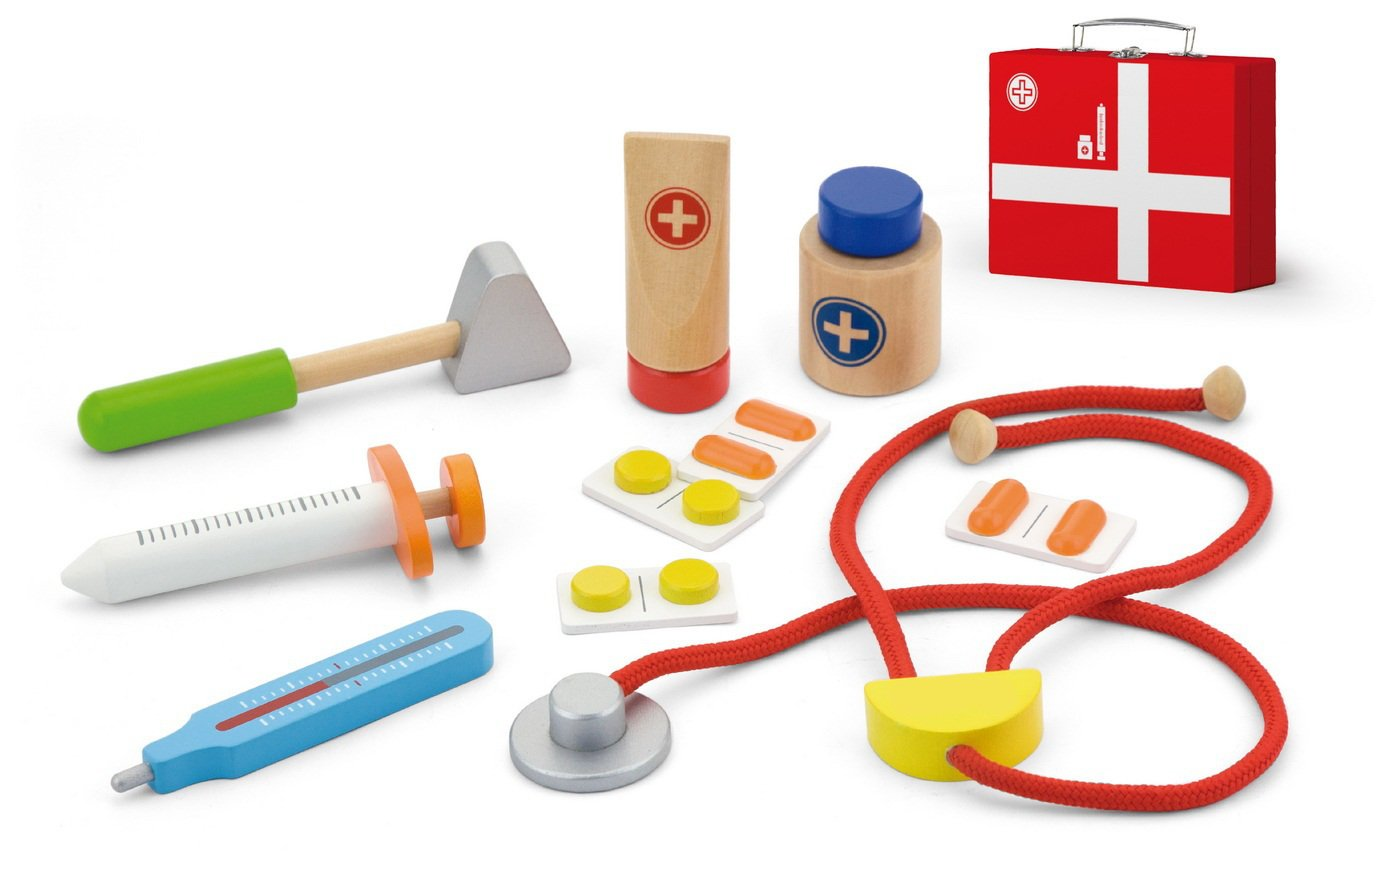 Top-Rennen 10 Stück Kids Doctor Set, medizinische Holzwerkzeug Kit, Nicht toxische Holz und klappbare medizinische Kit, Arzt Rollenspiel TR-W400 Hobbit Village